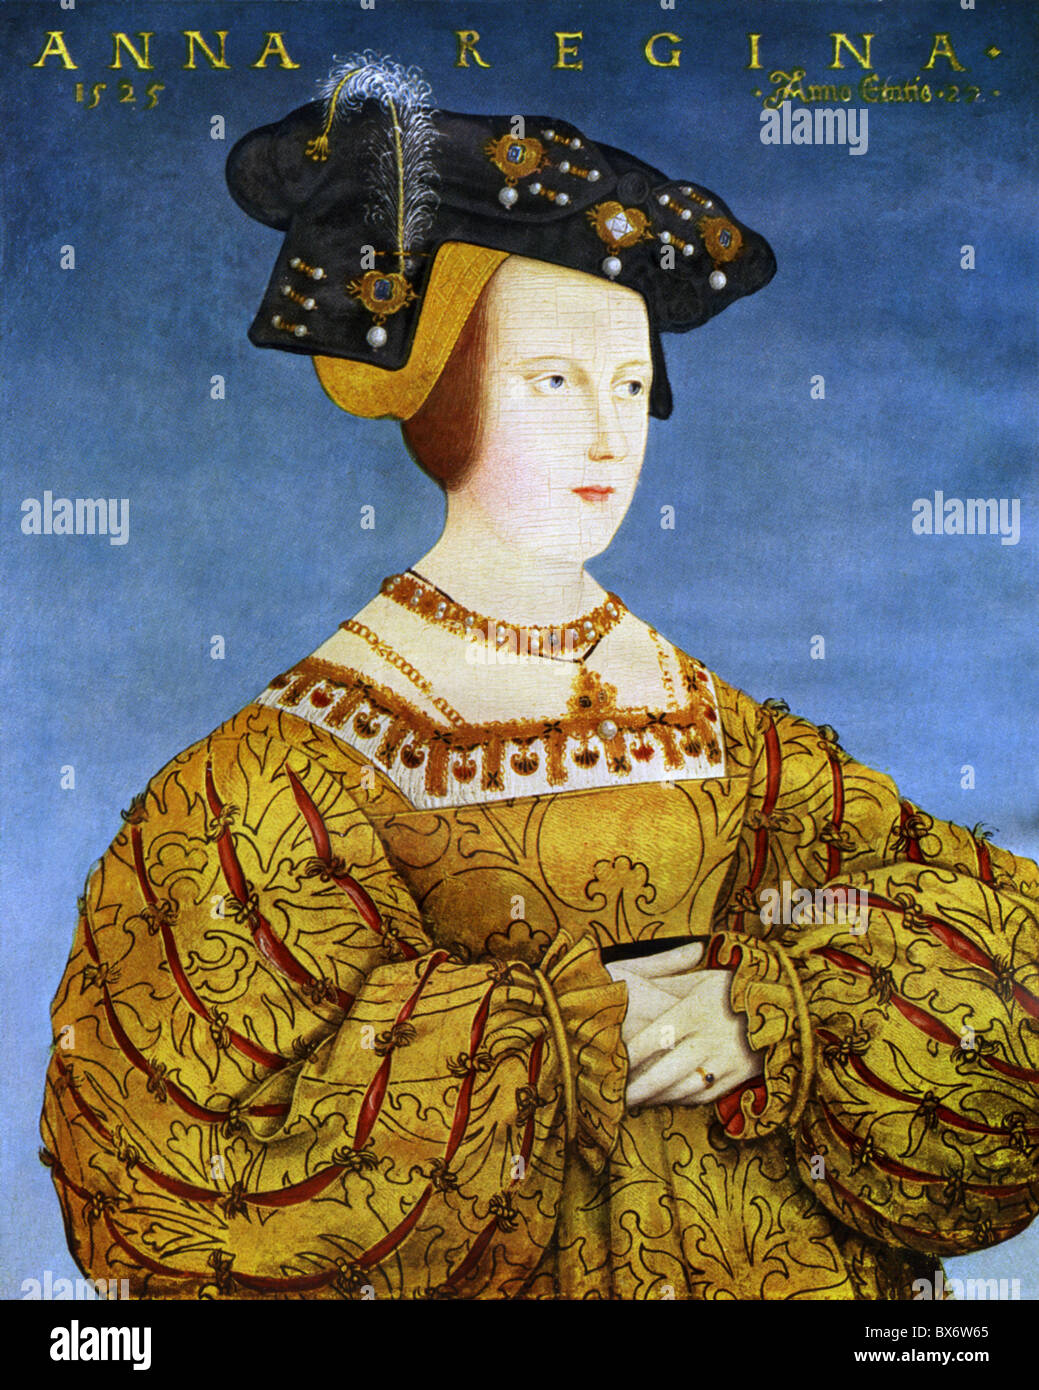 Anna, 23.7.1503 - 27.1.1547, Königin der Römer 5.1.1531 - 27.1.1547, Porträt, Drucken nach dem Gemälde Stockbild